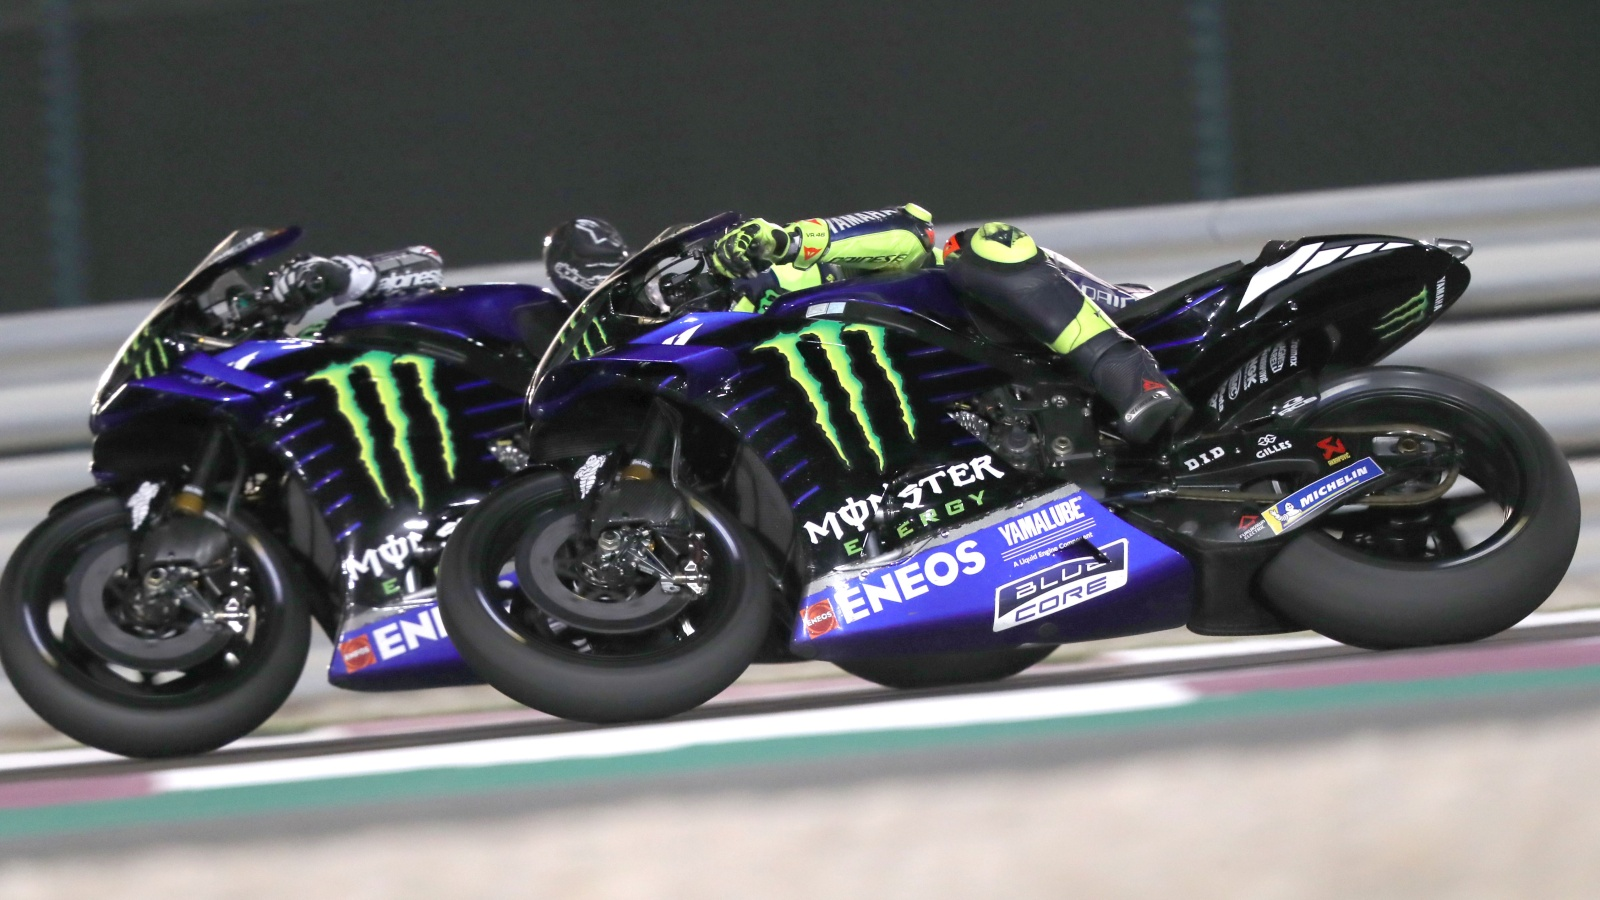 Vuelve a ver la presentación Yamaha YZR-M1 MotoGP 2020